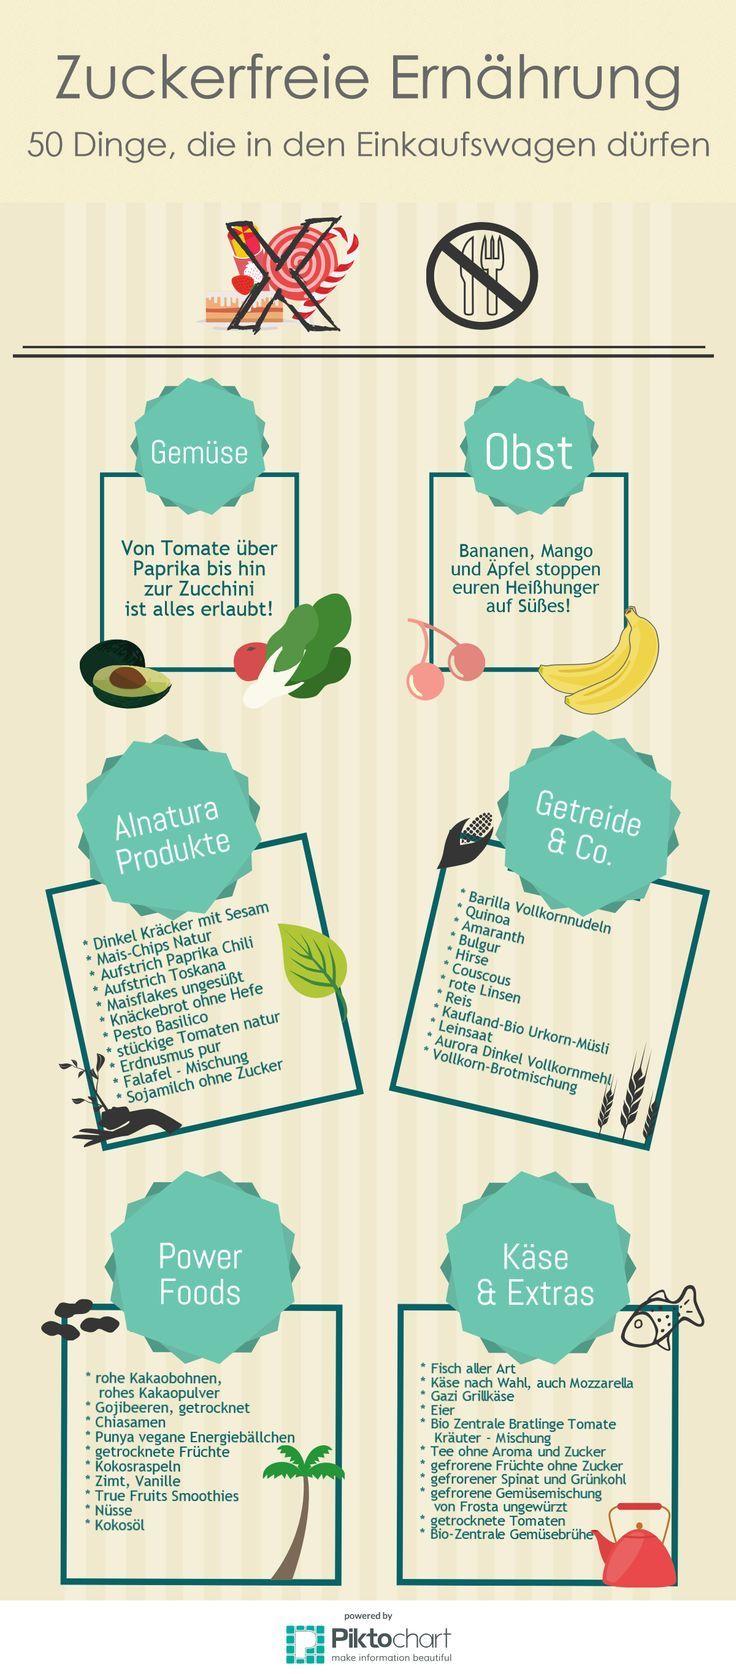 Zuckerfreie Ernährung ist für dich schwierig? Dann folge unseren Einkaufstipps und lerne dich kinderleicht zuckerfrei zu ernähren! #bodycare